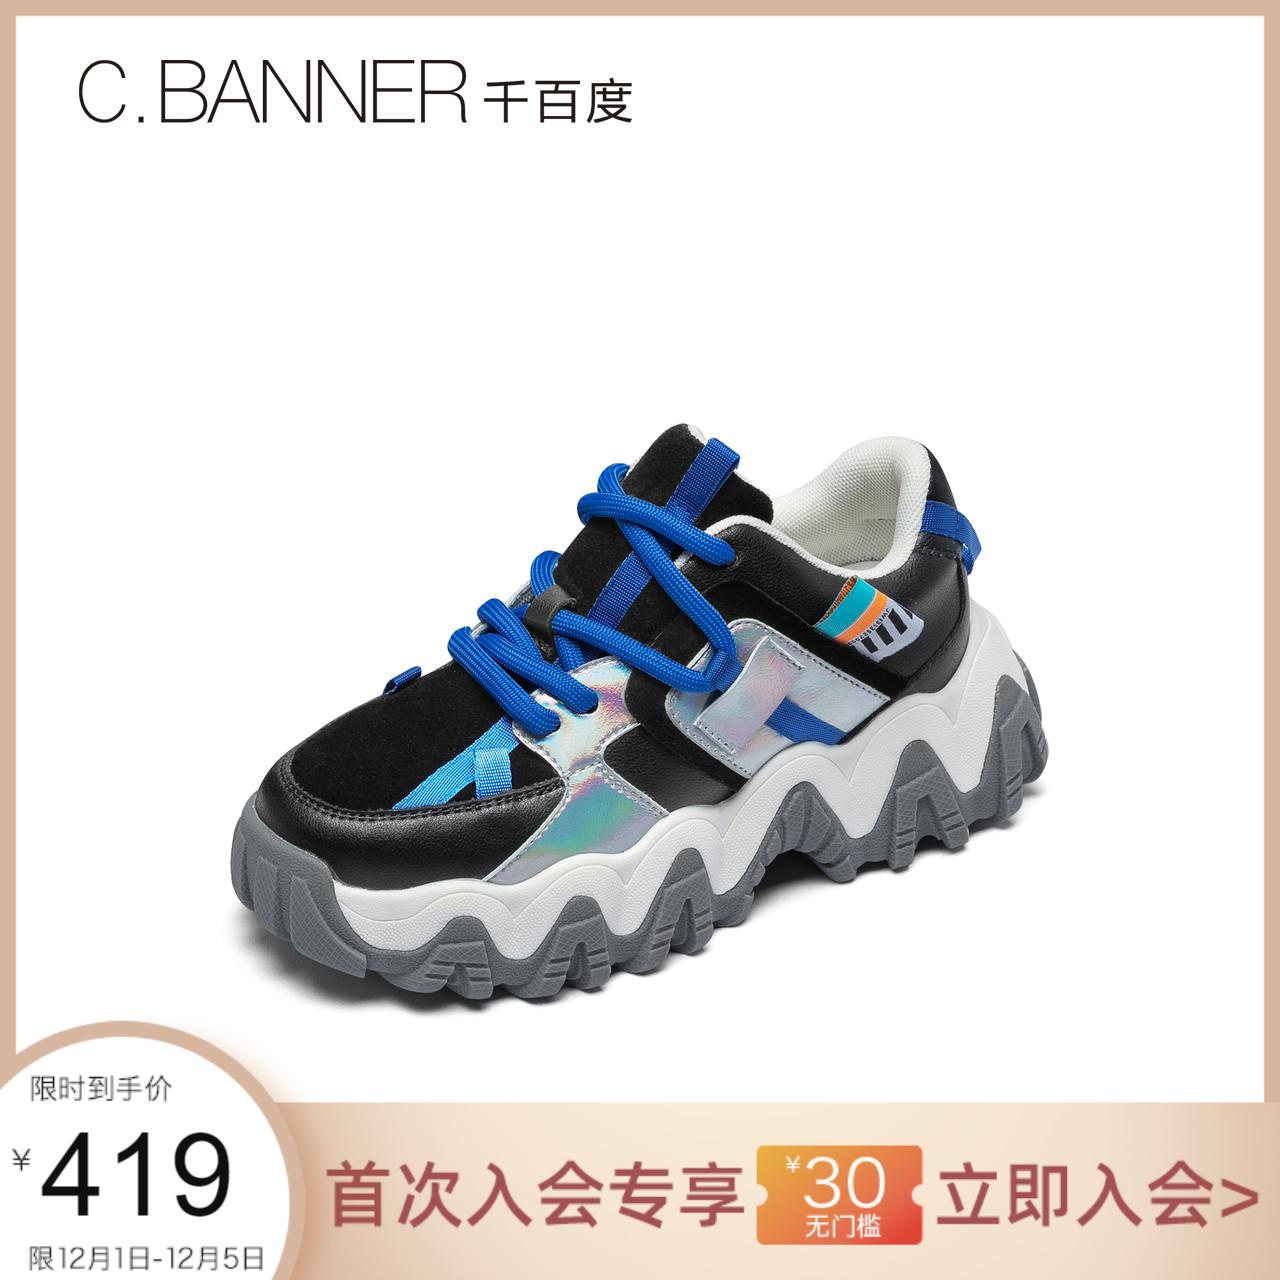 新款老爹鞋女秋季透气时尚波浪底运动鞋复古厚底休闲鞋2020千百度